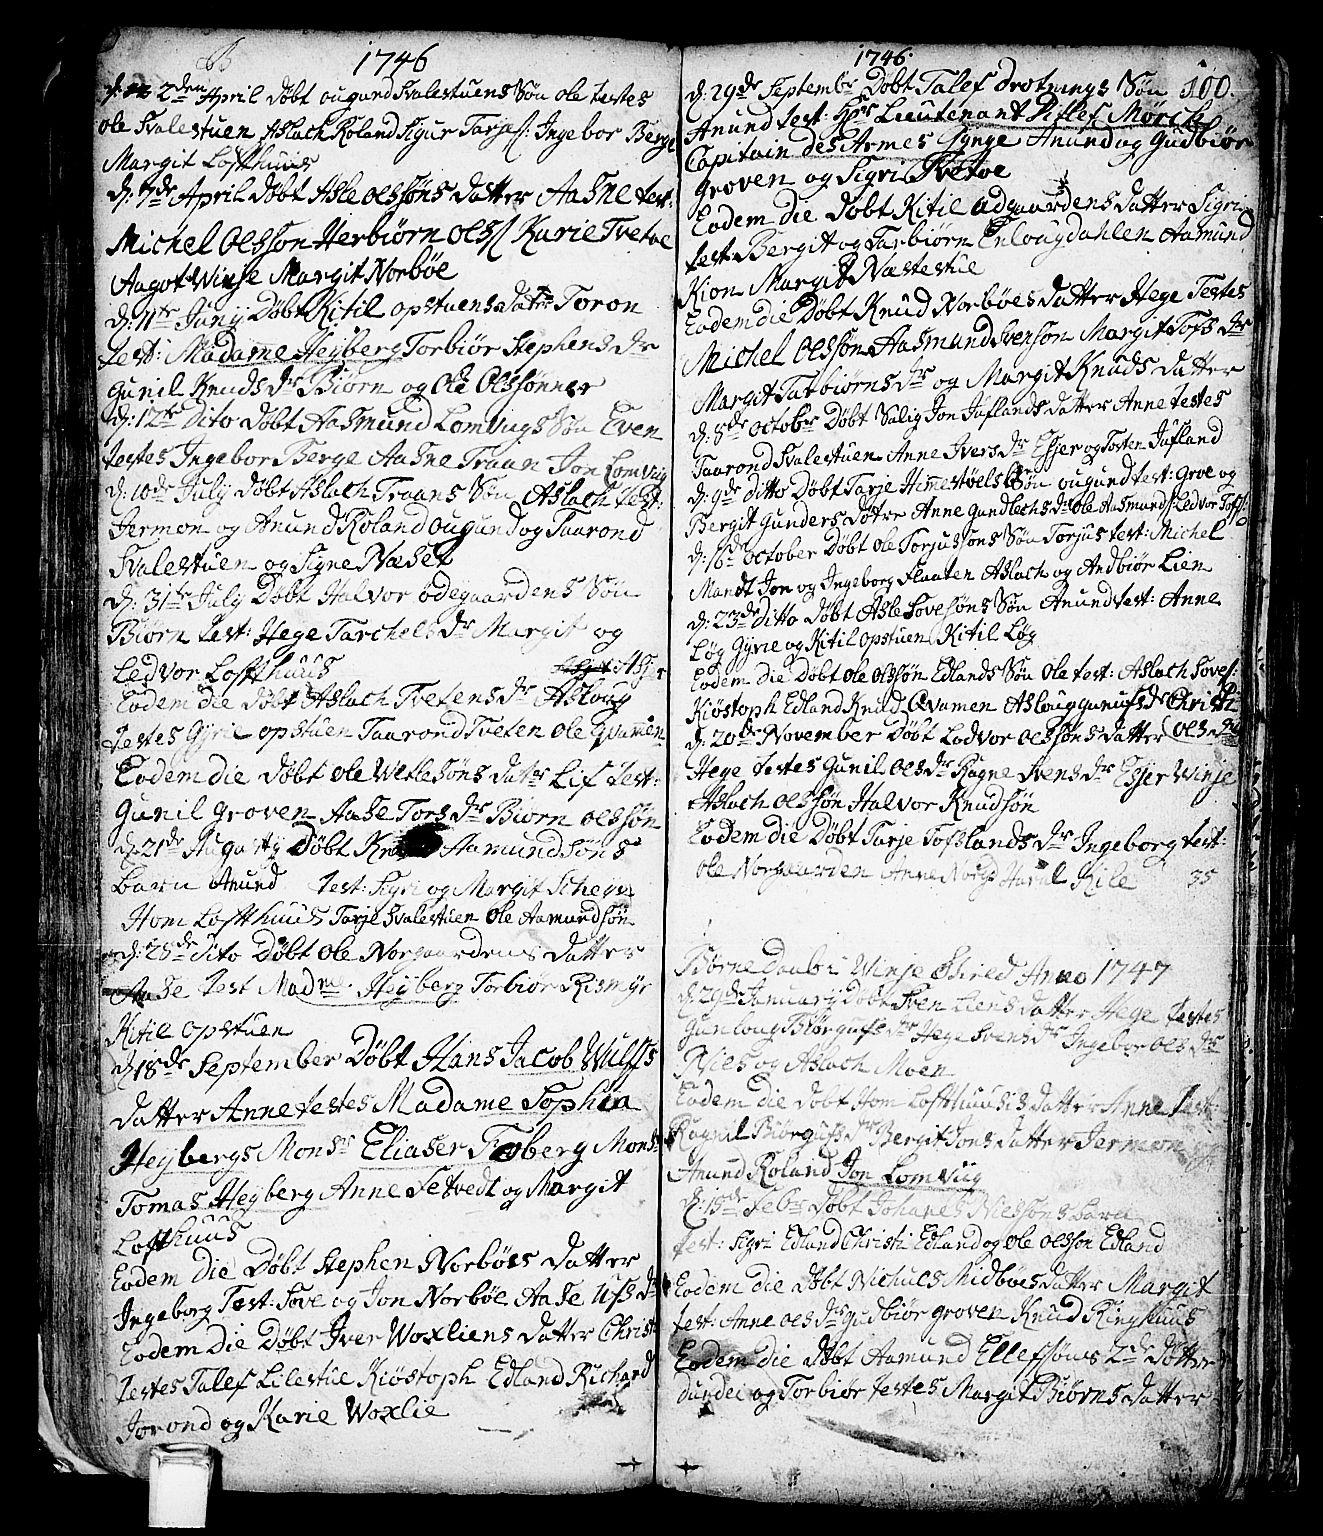 SAKO, Vinje kirkebøker, F/Fa/L0001: Ministerialbok nr. I 1, 1717-1766, s. 100